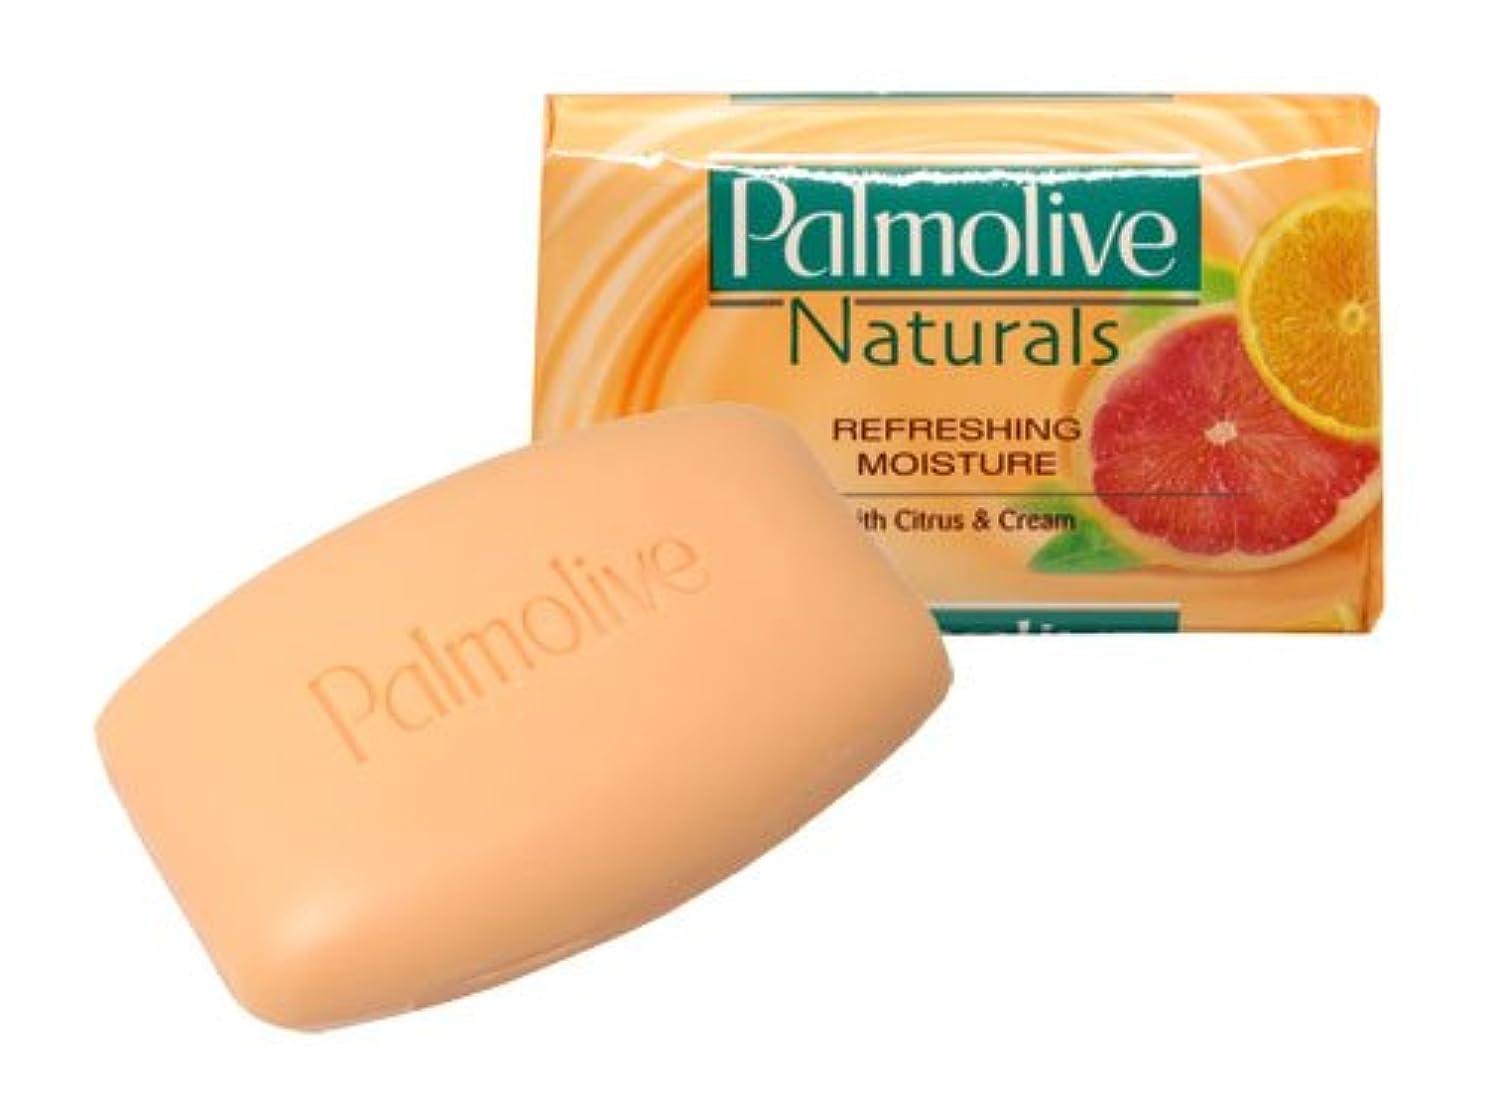 貢献あなたが良くなりますポルトガル語【Palmolive】パルモリーブ ナチュラルズ石鹸3個パック(シトラス&クリーム)